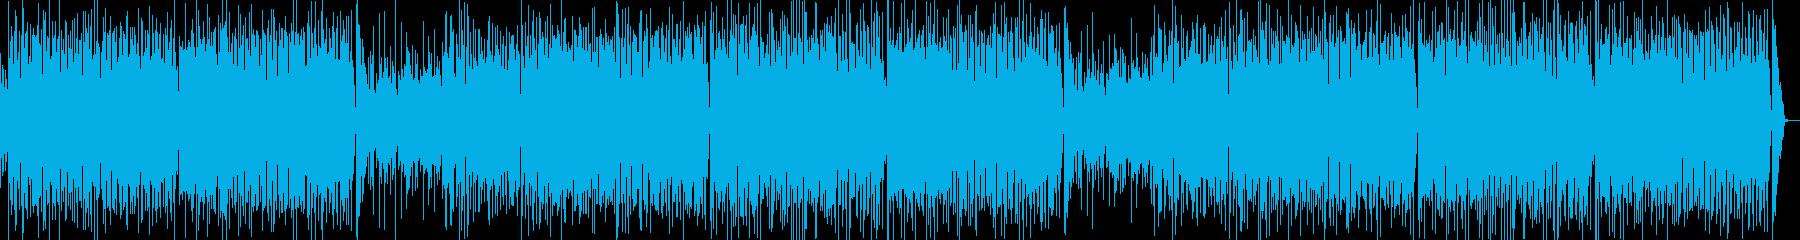 ベルとアコギのテンポの良いPOPS の再生済みの波形